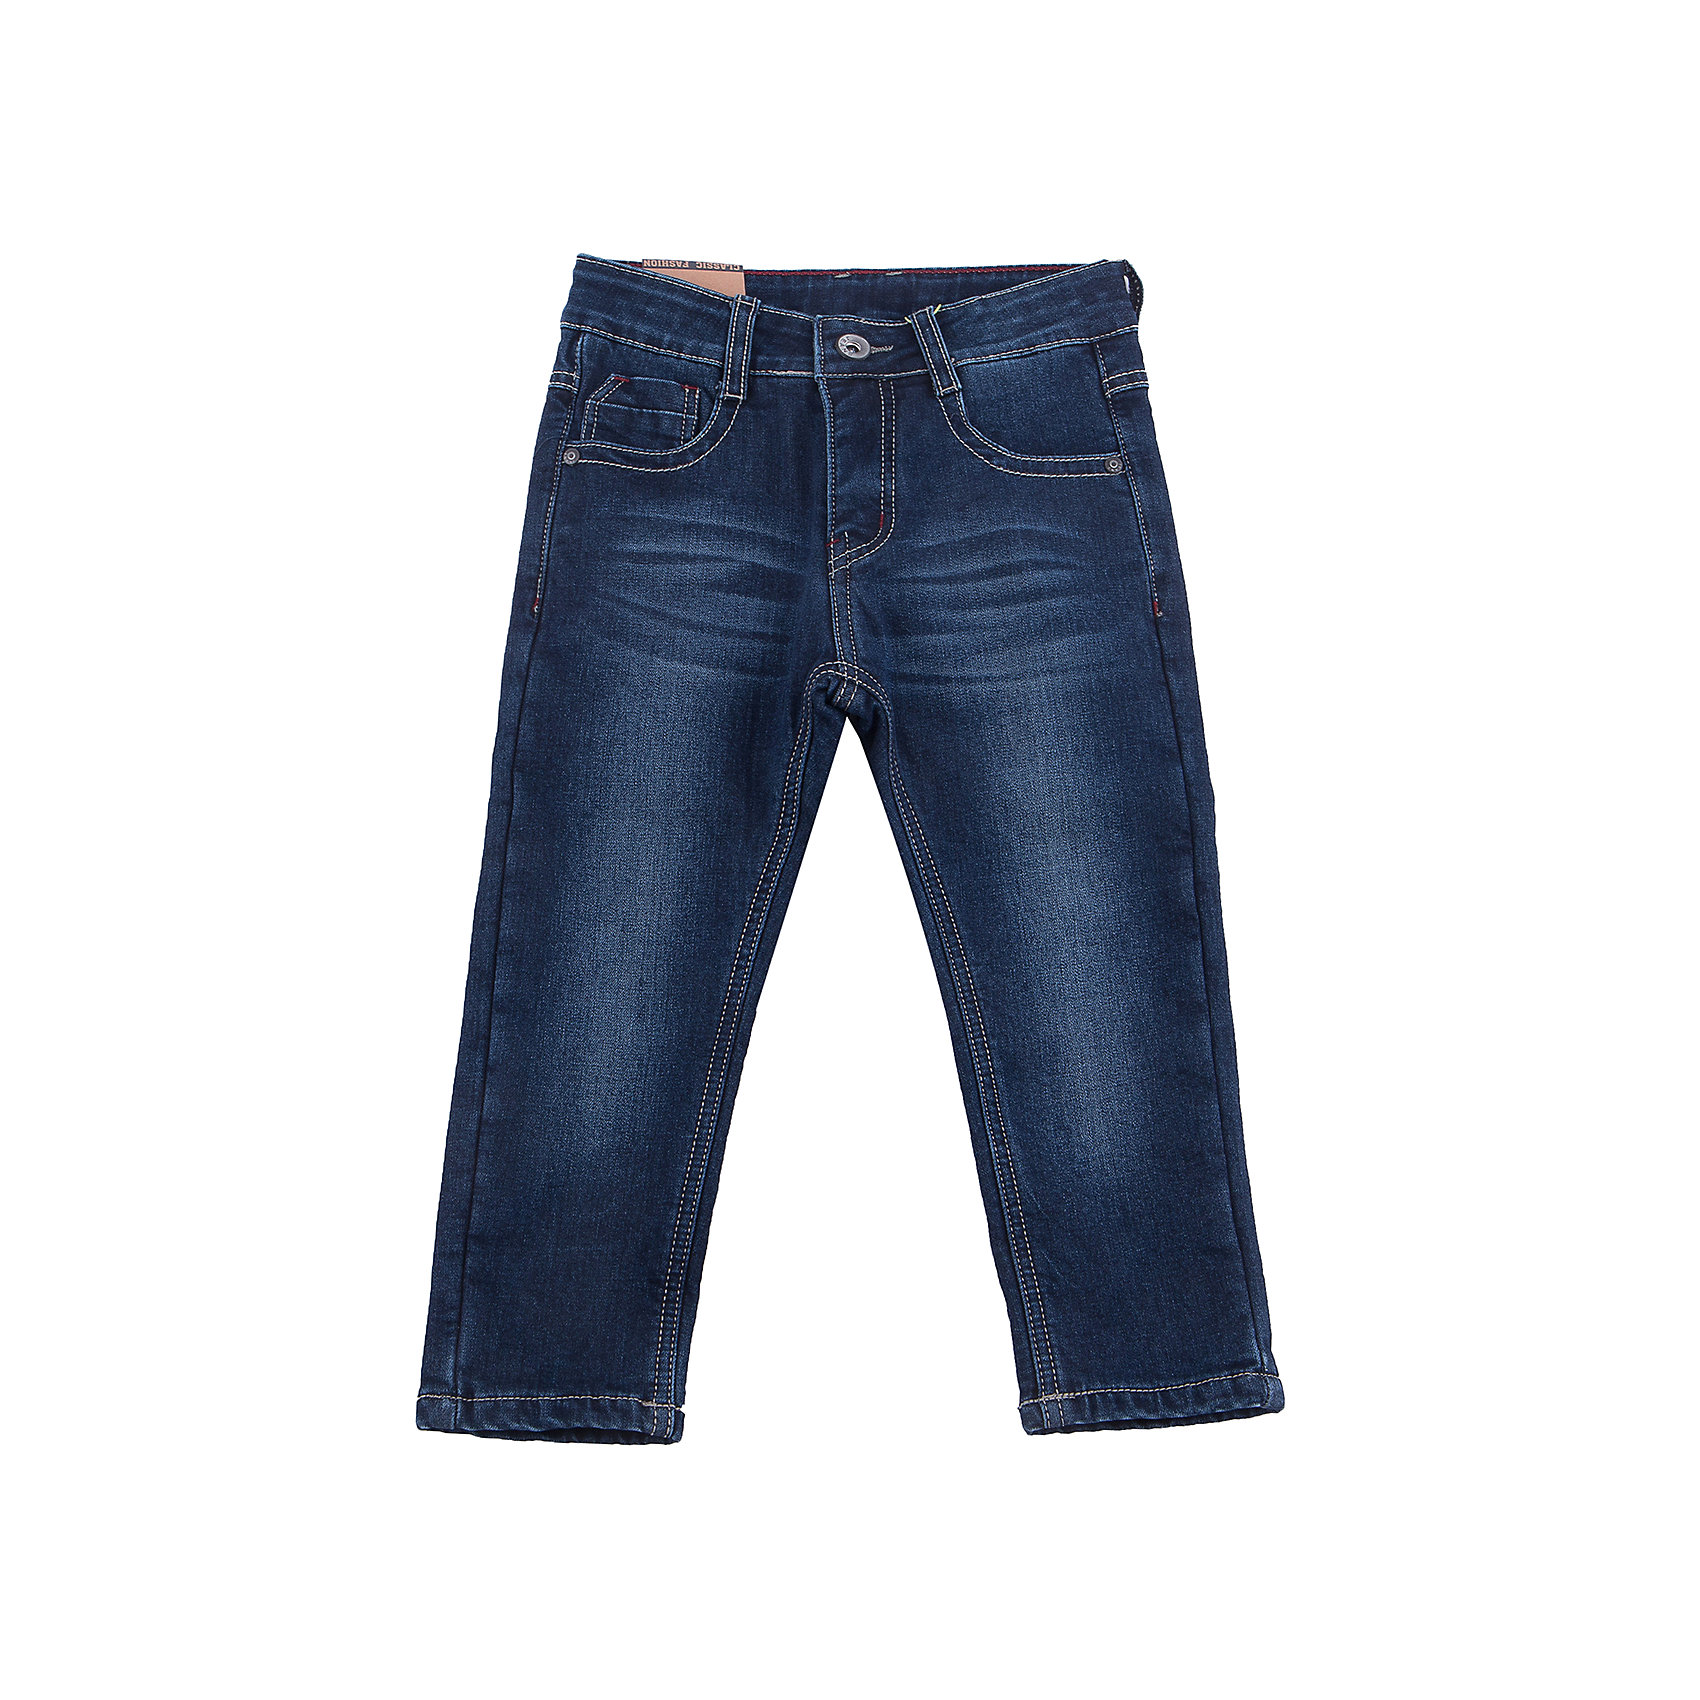 Брюки Sweet Berry для мальчикаДжинсовая одежда<br>Брюки Sweet Berry для мальчика<br>Утепленные джинсовый брюки для мальчика на флисовой подкладке с оригинальной варкой. Прямой крой, средняя посадка. Застегиваются на молнию и пуговицу. Шлевки на поясе рассчитаны под ремень. В боковой части пояса находятся вшитые эластичные ленты, регулирующие посадку по талии.<br>Состав:<br>Основная ткань: 98% хлопок, 2% спандекс Подкладка: 100% полиэстер<br><br>Ширина мм: 215<br>Глубина мм: 88<br>Высота мм: 191<br>Вес г: 336<br>Цвет: синий<br>Возраст от месяцев: 24<br>Возраст до месяцев: 36<br>Пол: Мужской<br>Возраст: Детский<br>Размер: 98,128,104,110,116,122<br>SKU: 7095005